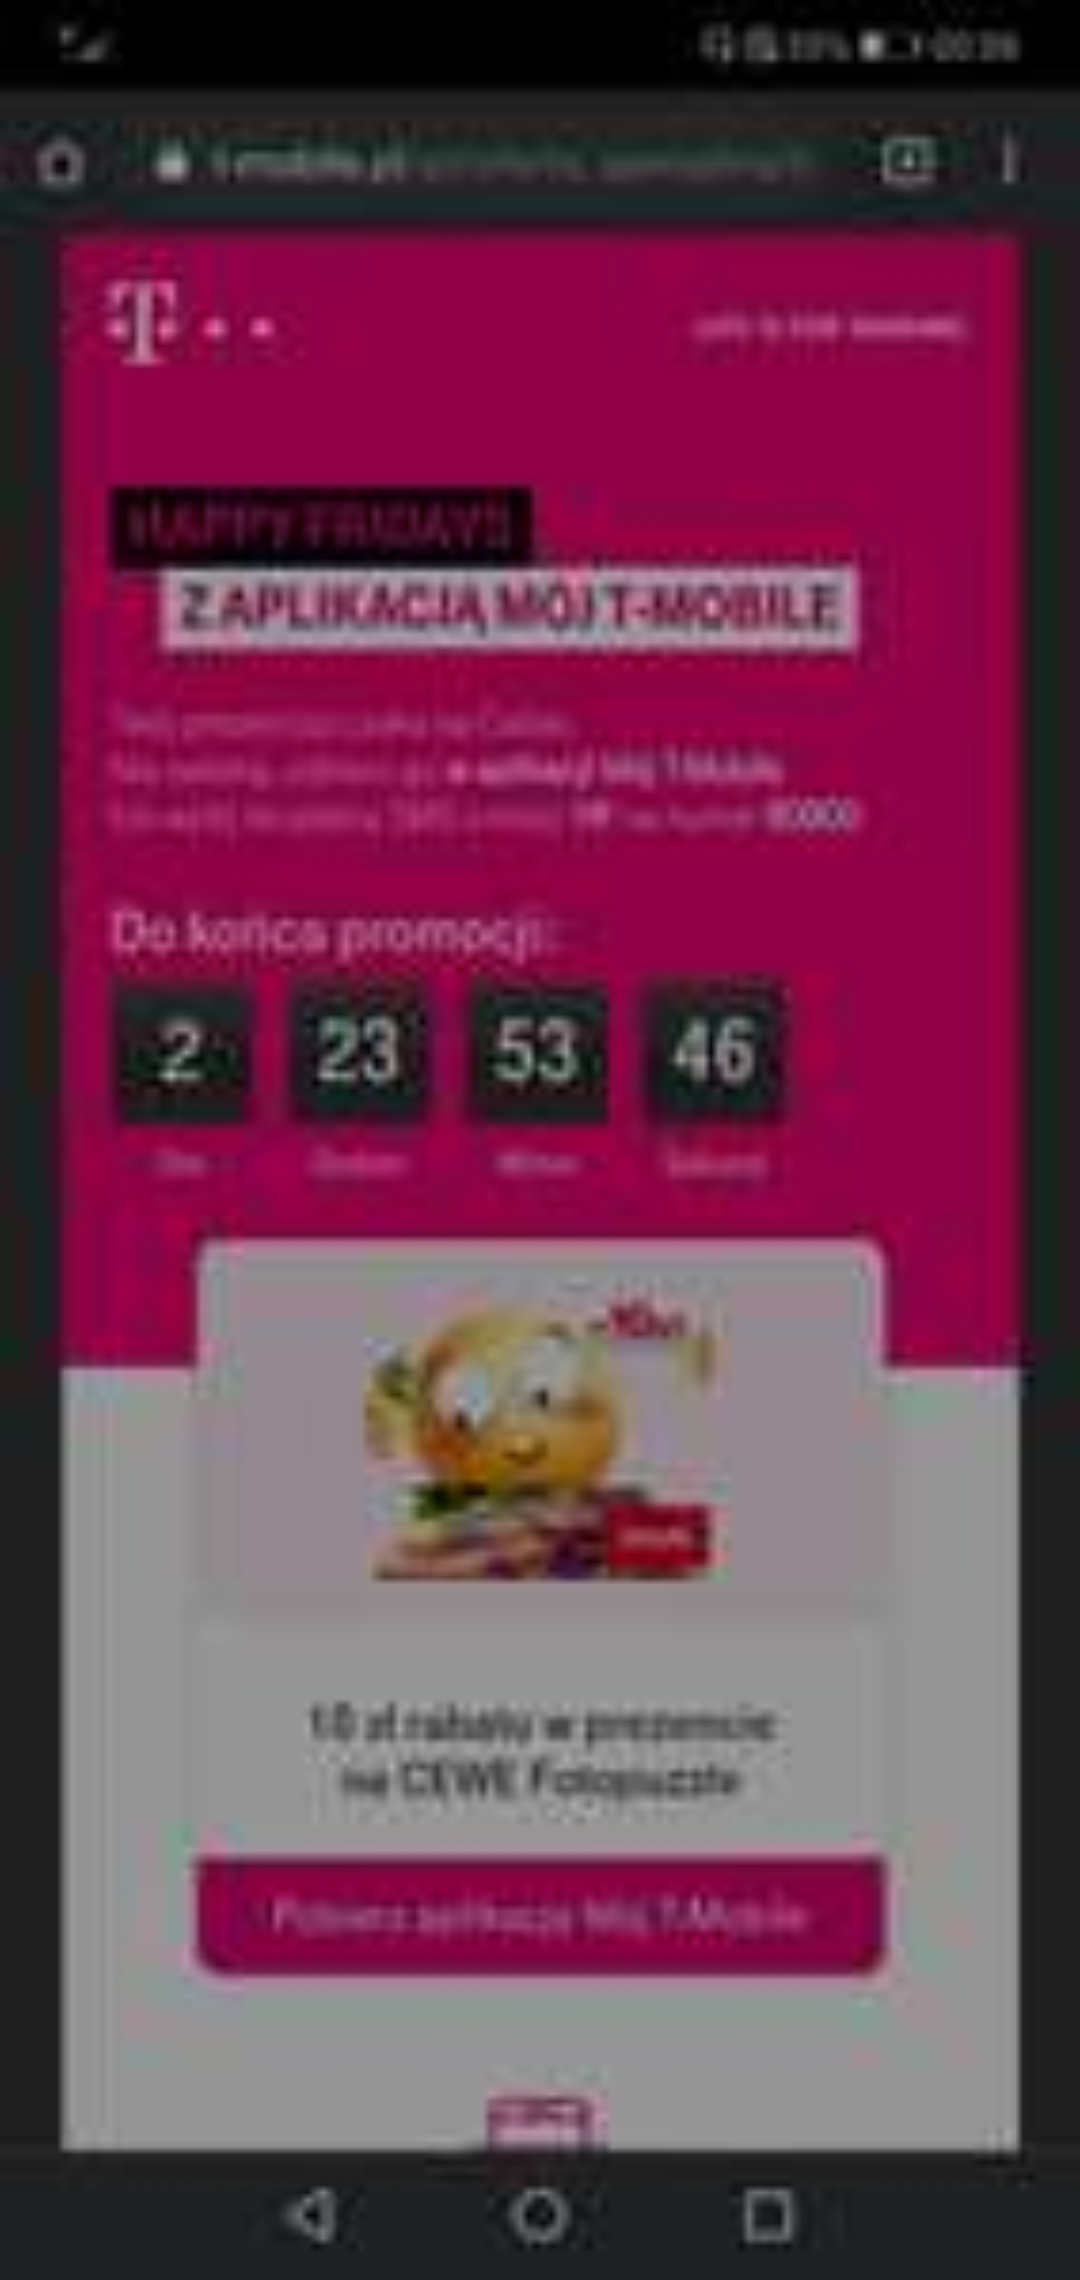 Happy Fridays - T-Mobile Happy Fridays 10 zł rabatu w prezencie na CEWE Fotopuzzle